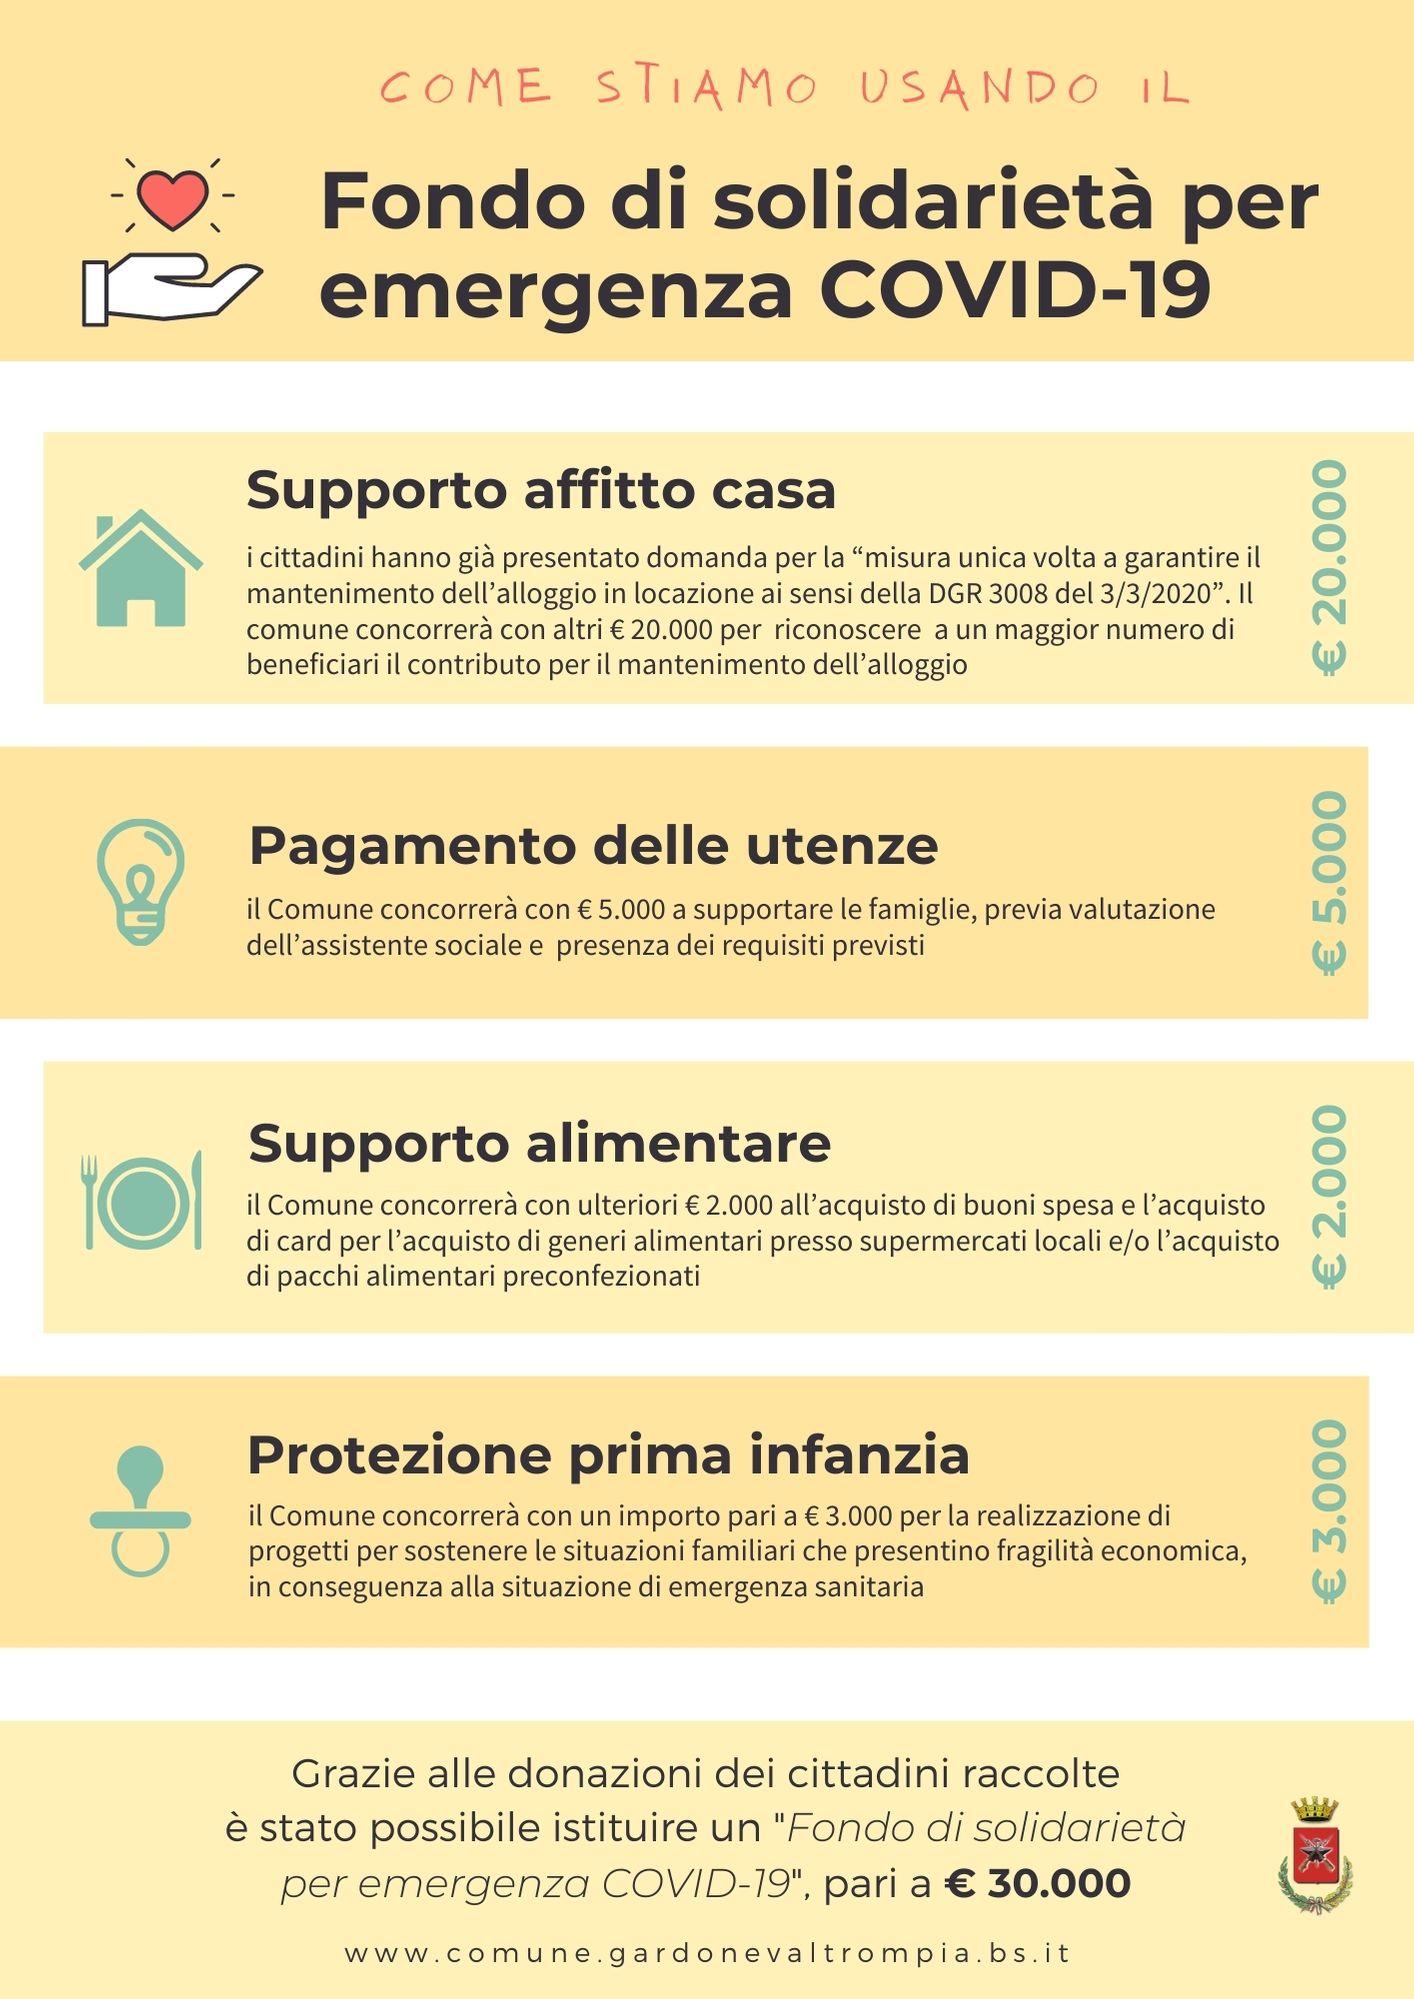 Fondo di solidarietà per emergenza Covid-19